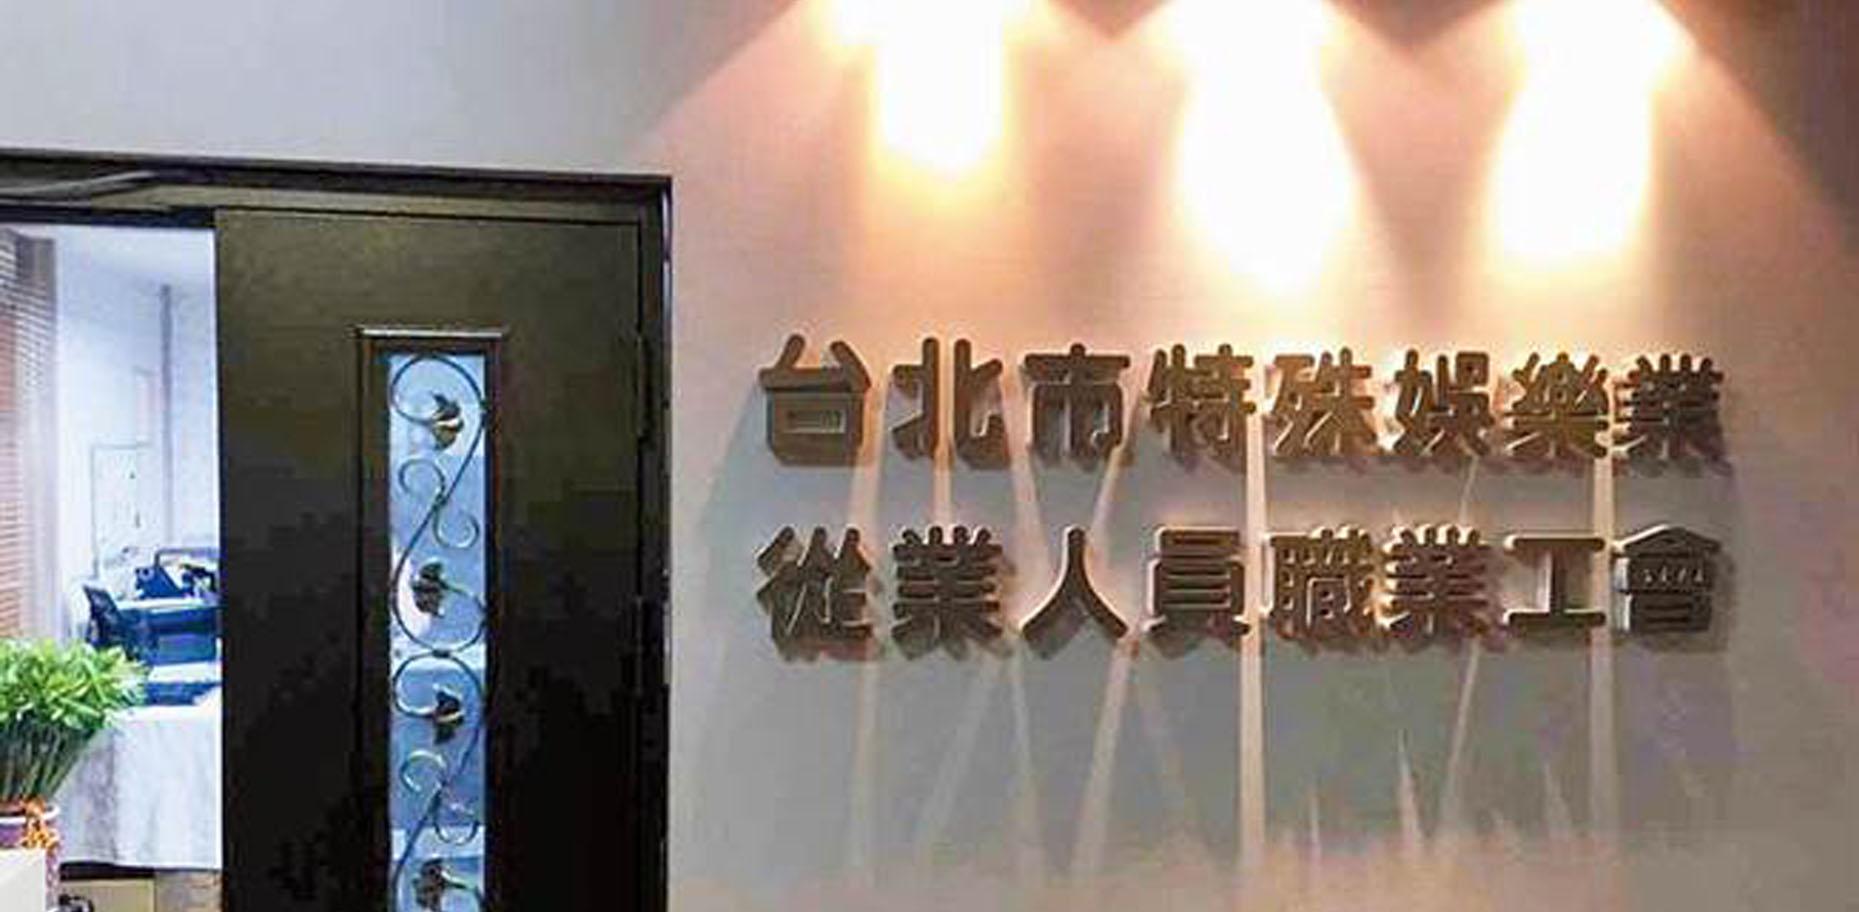 高雄酒店少爺應徵、高雄酒店小姐、台南酒店消費